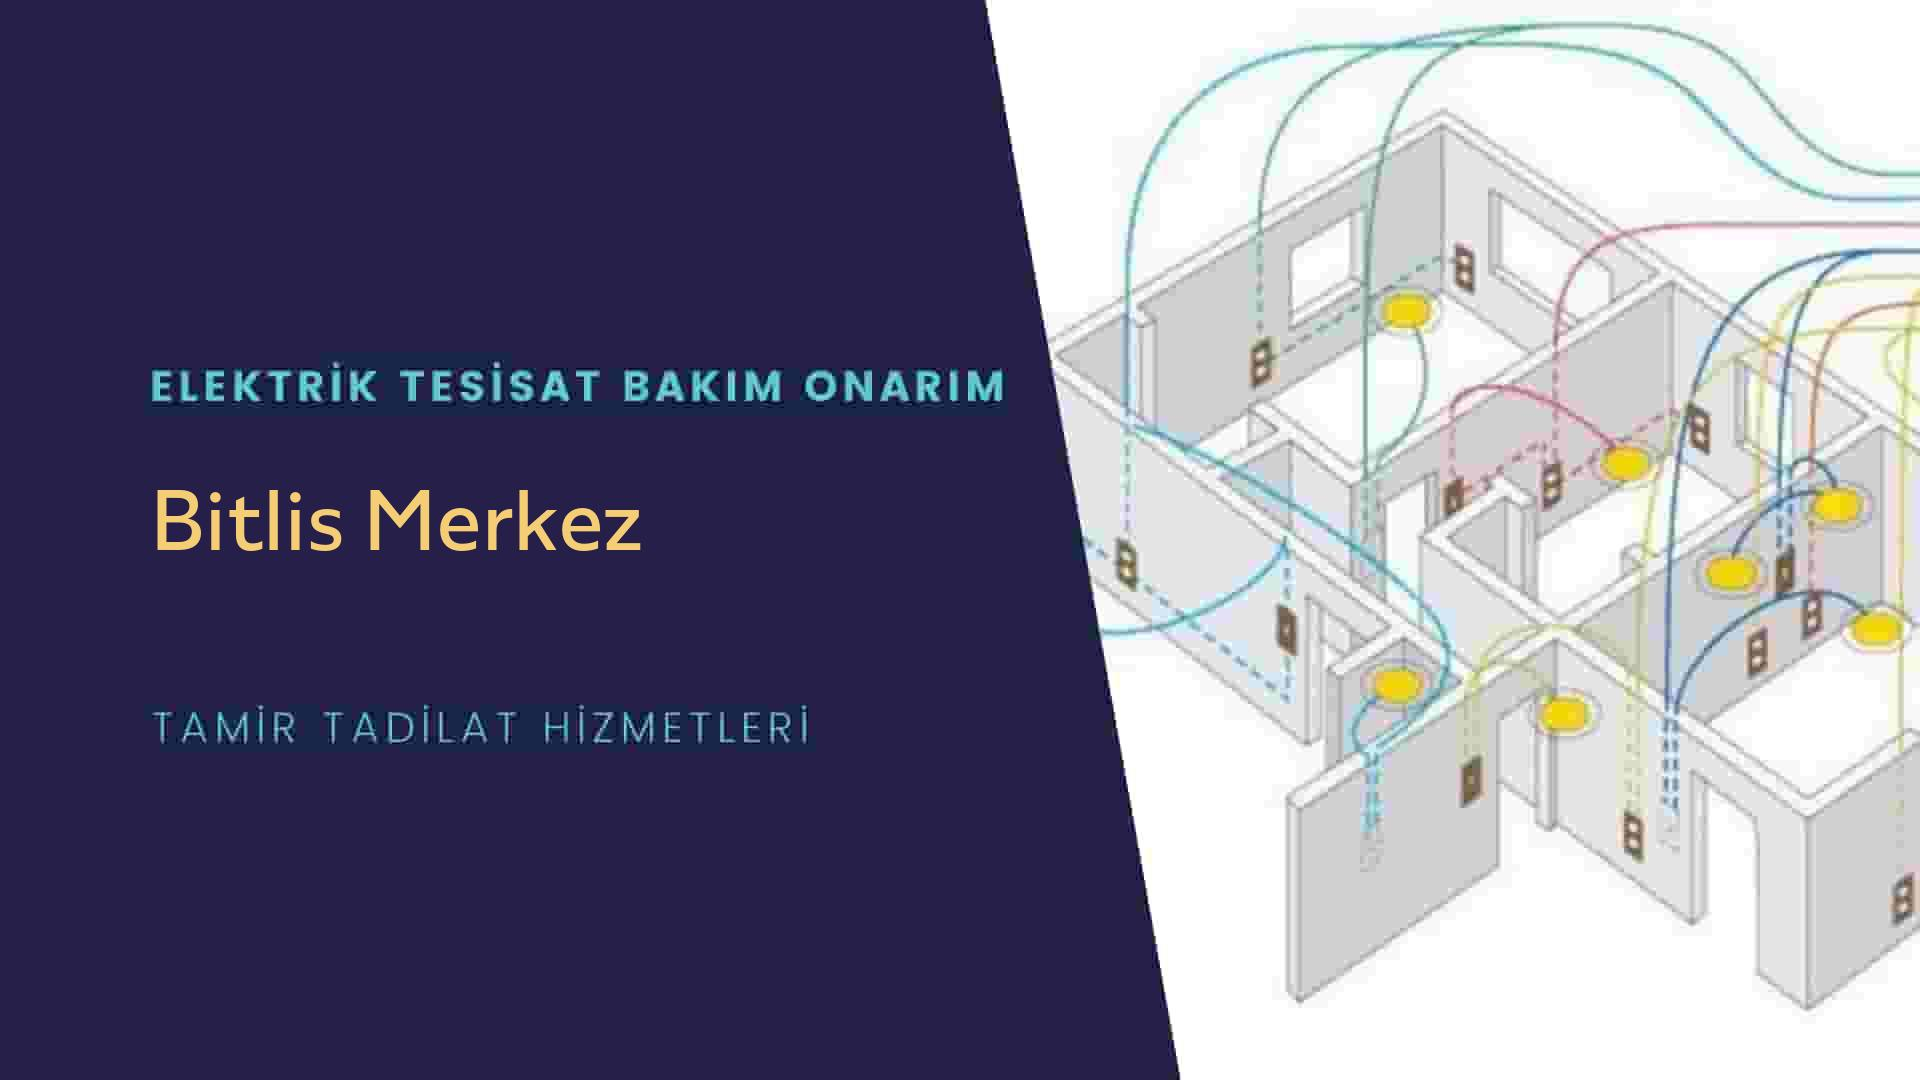 Bitlis Merkez  elektrik tesisatıustalarımı arıyorsunuz doğru adrestenizi Bitlis Merkez elektrik tesisatı ustalarımız 7/24 sizlere hizmet vermekten mutluluk duyar.